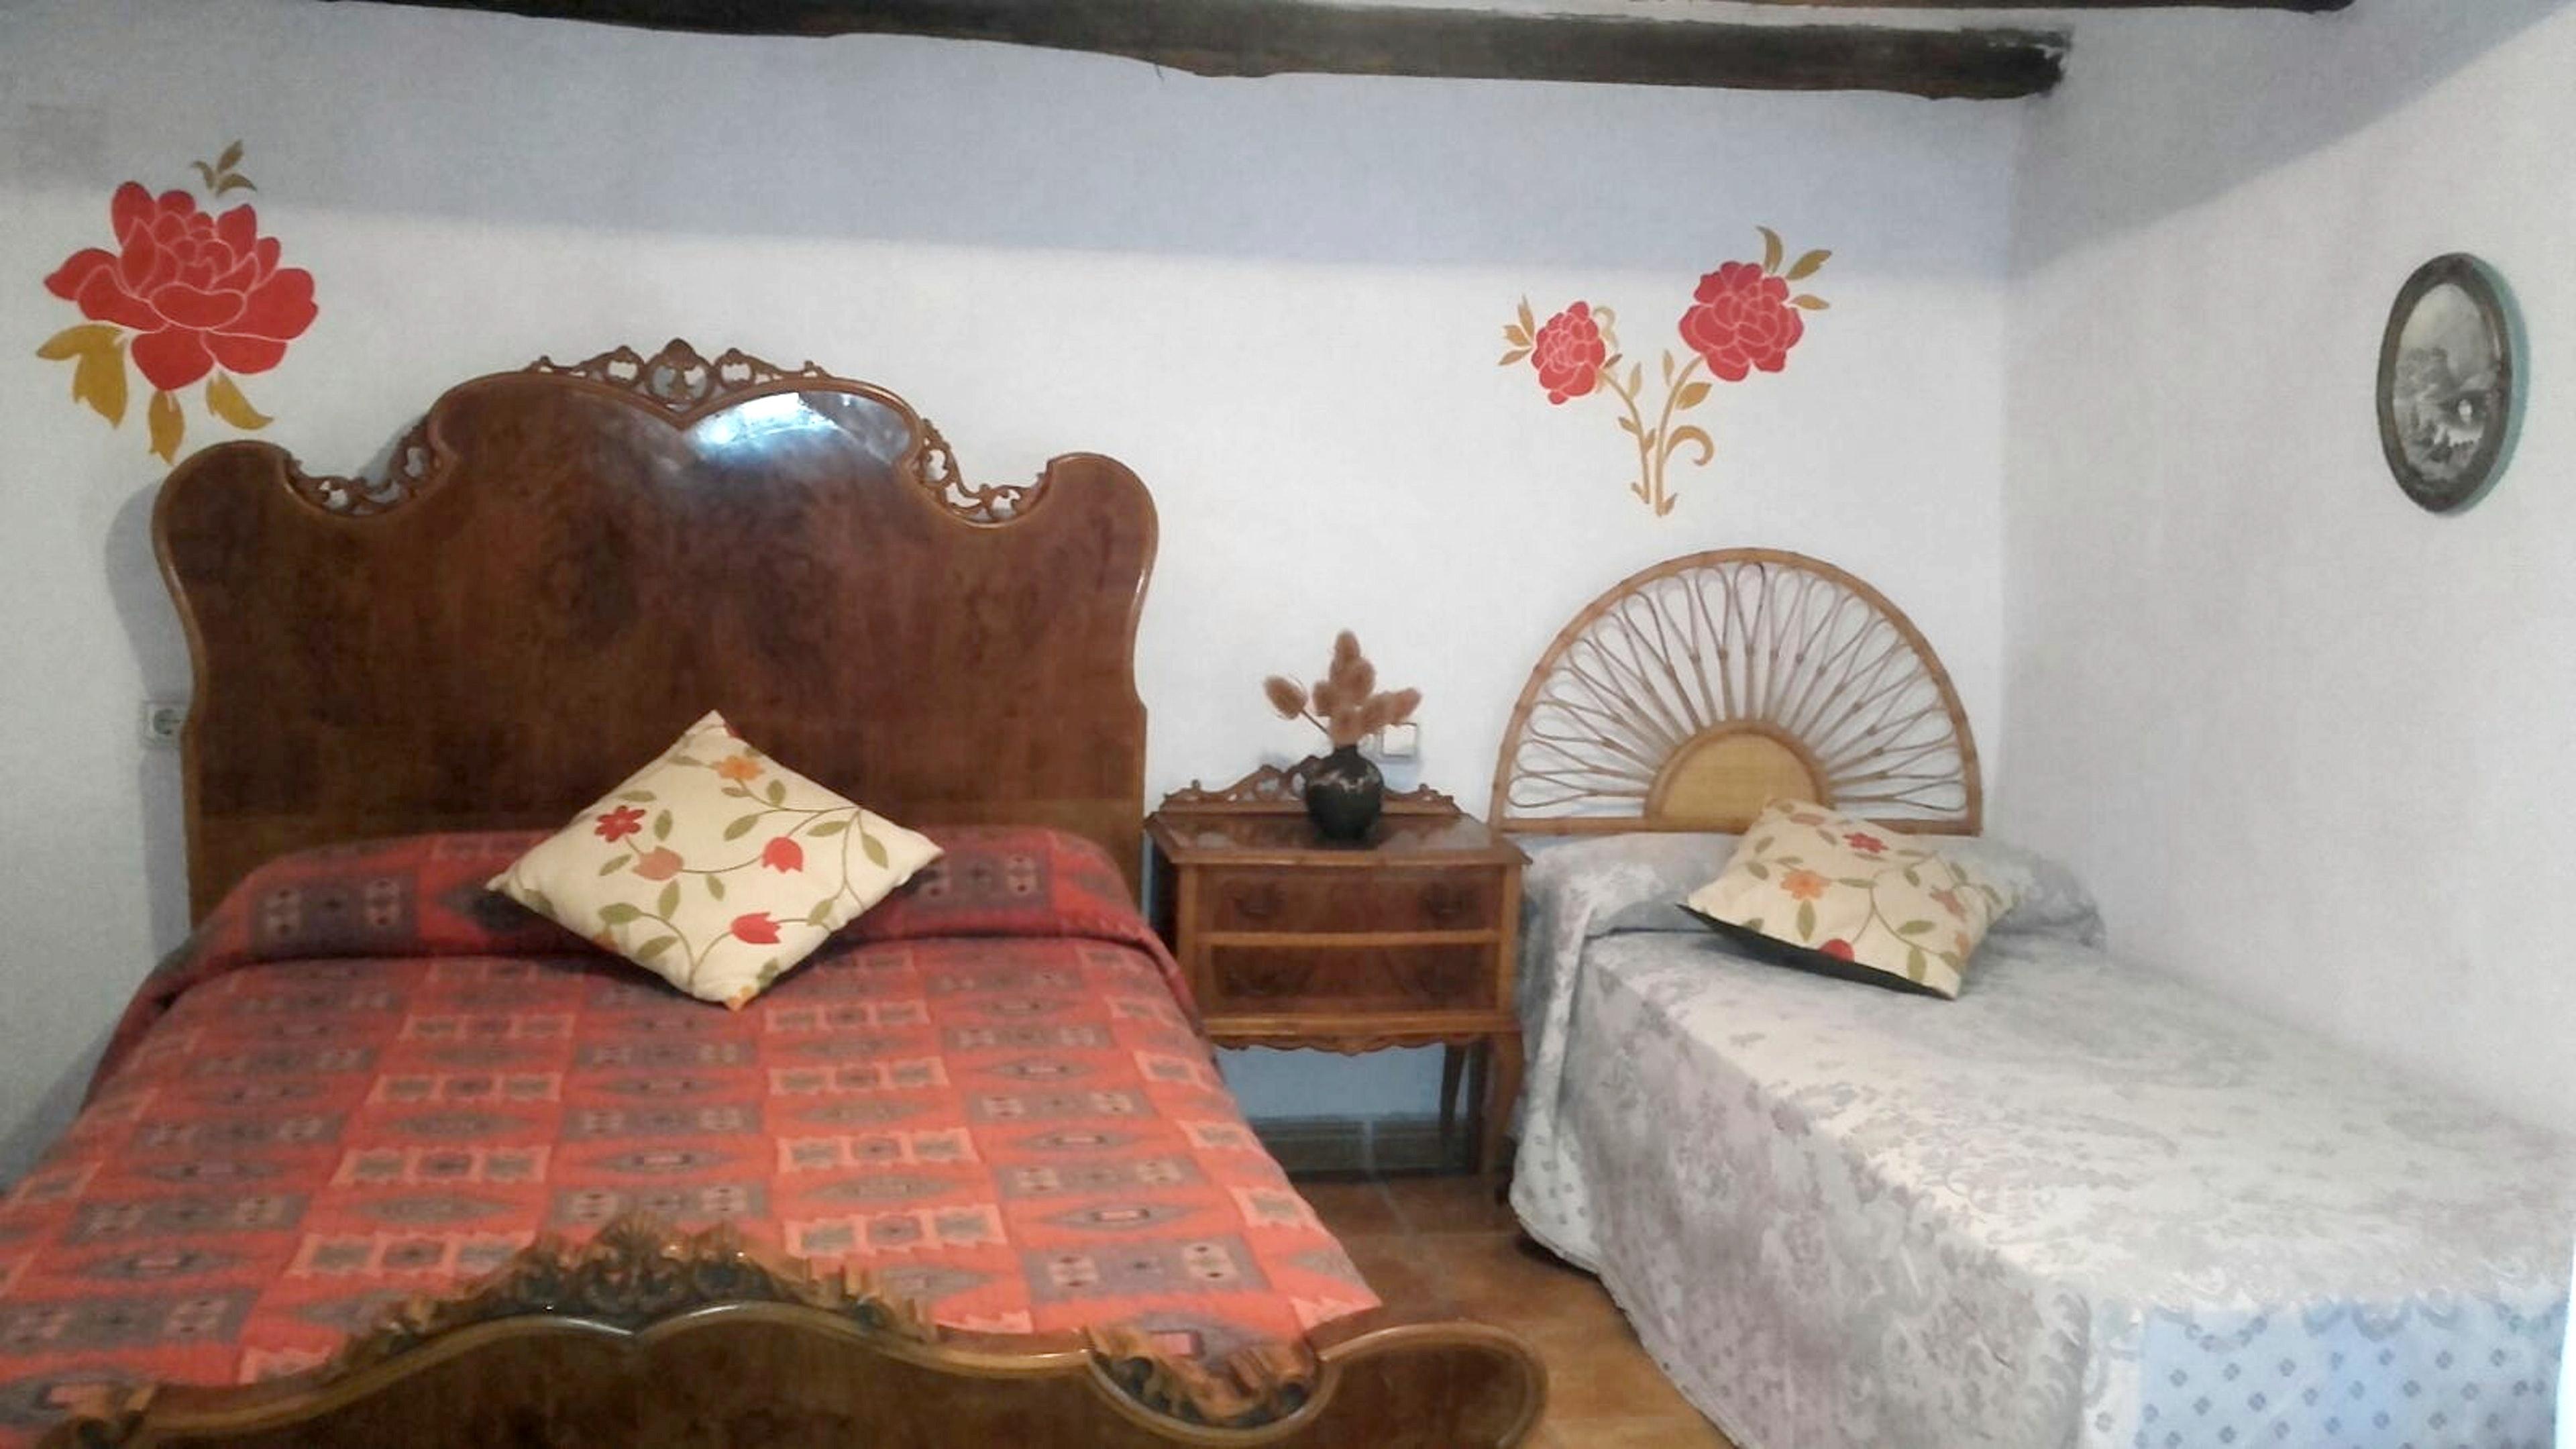 Ferienhaus Haus mit 5 Schlafzimmern in Casas del Cerro mit toller Aussicht auf die Berge und möbliert (2201517), Casas del Cerro, Albacete, Kastilien-La Mancha, Spanien, Bild 24